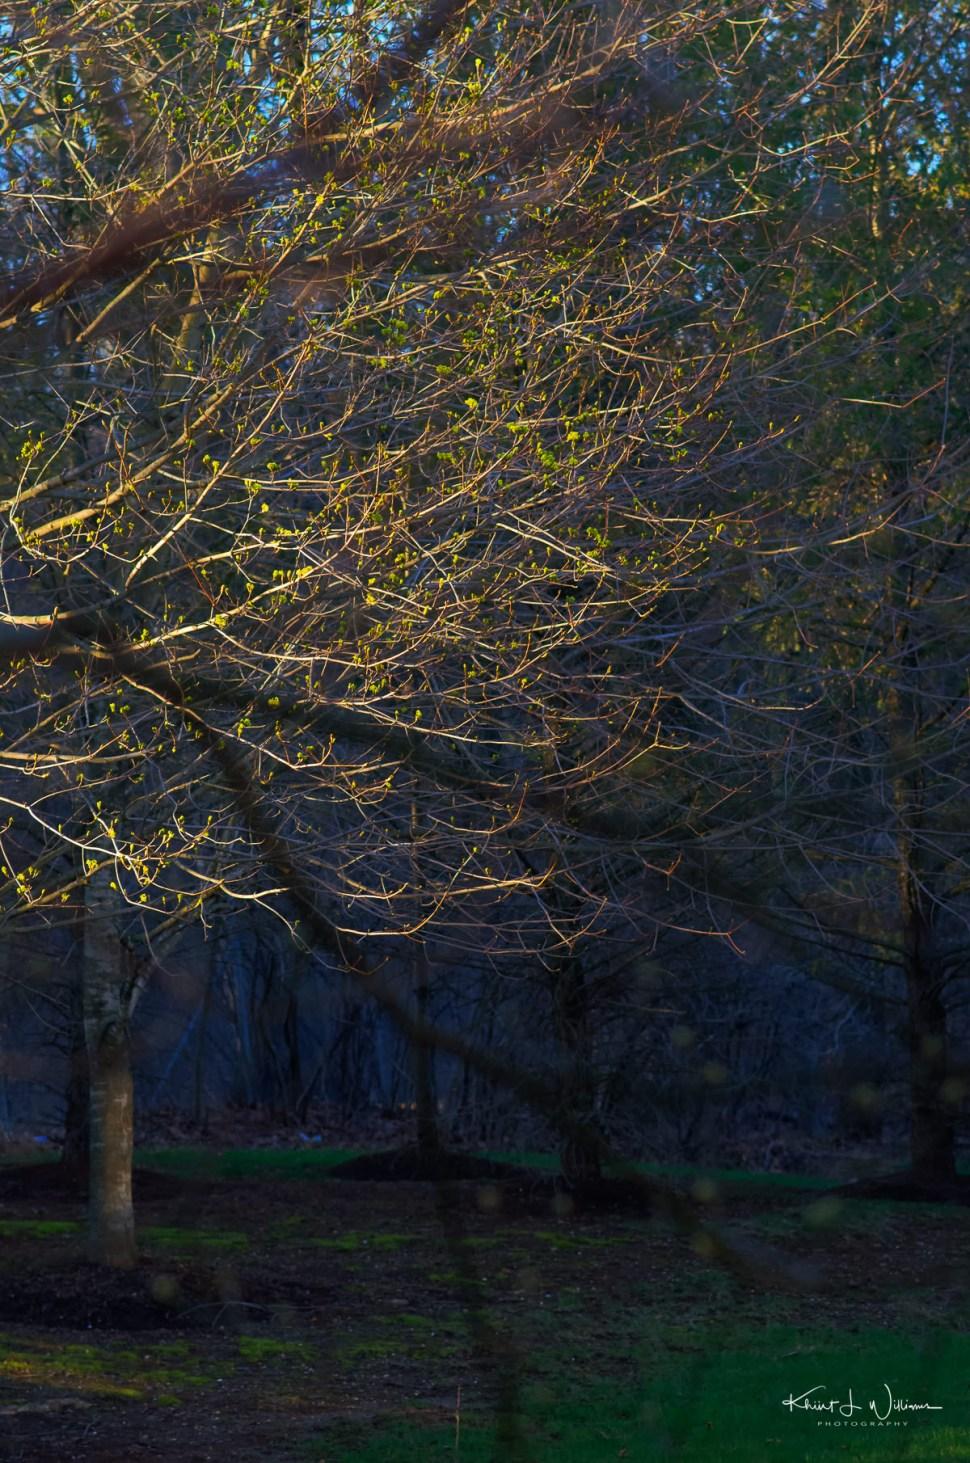 Morning, Tree, Leaves, Light